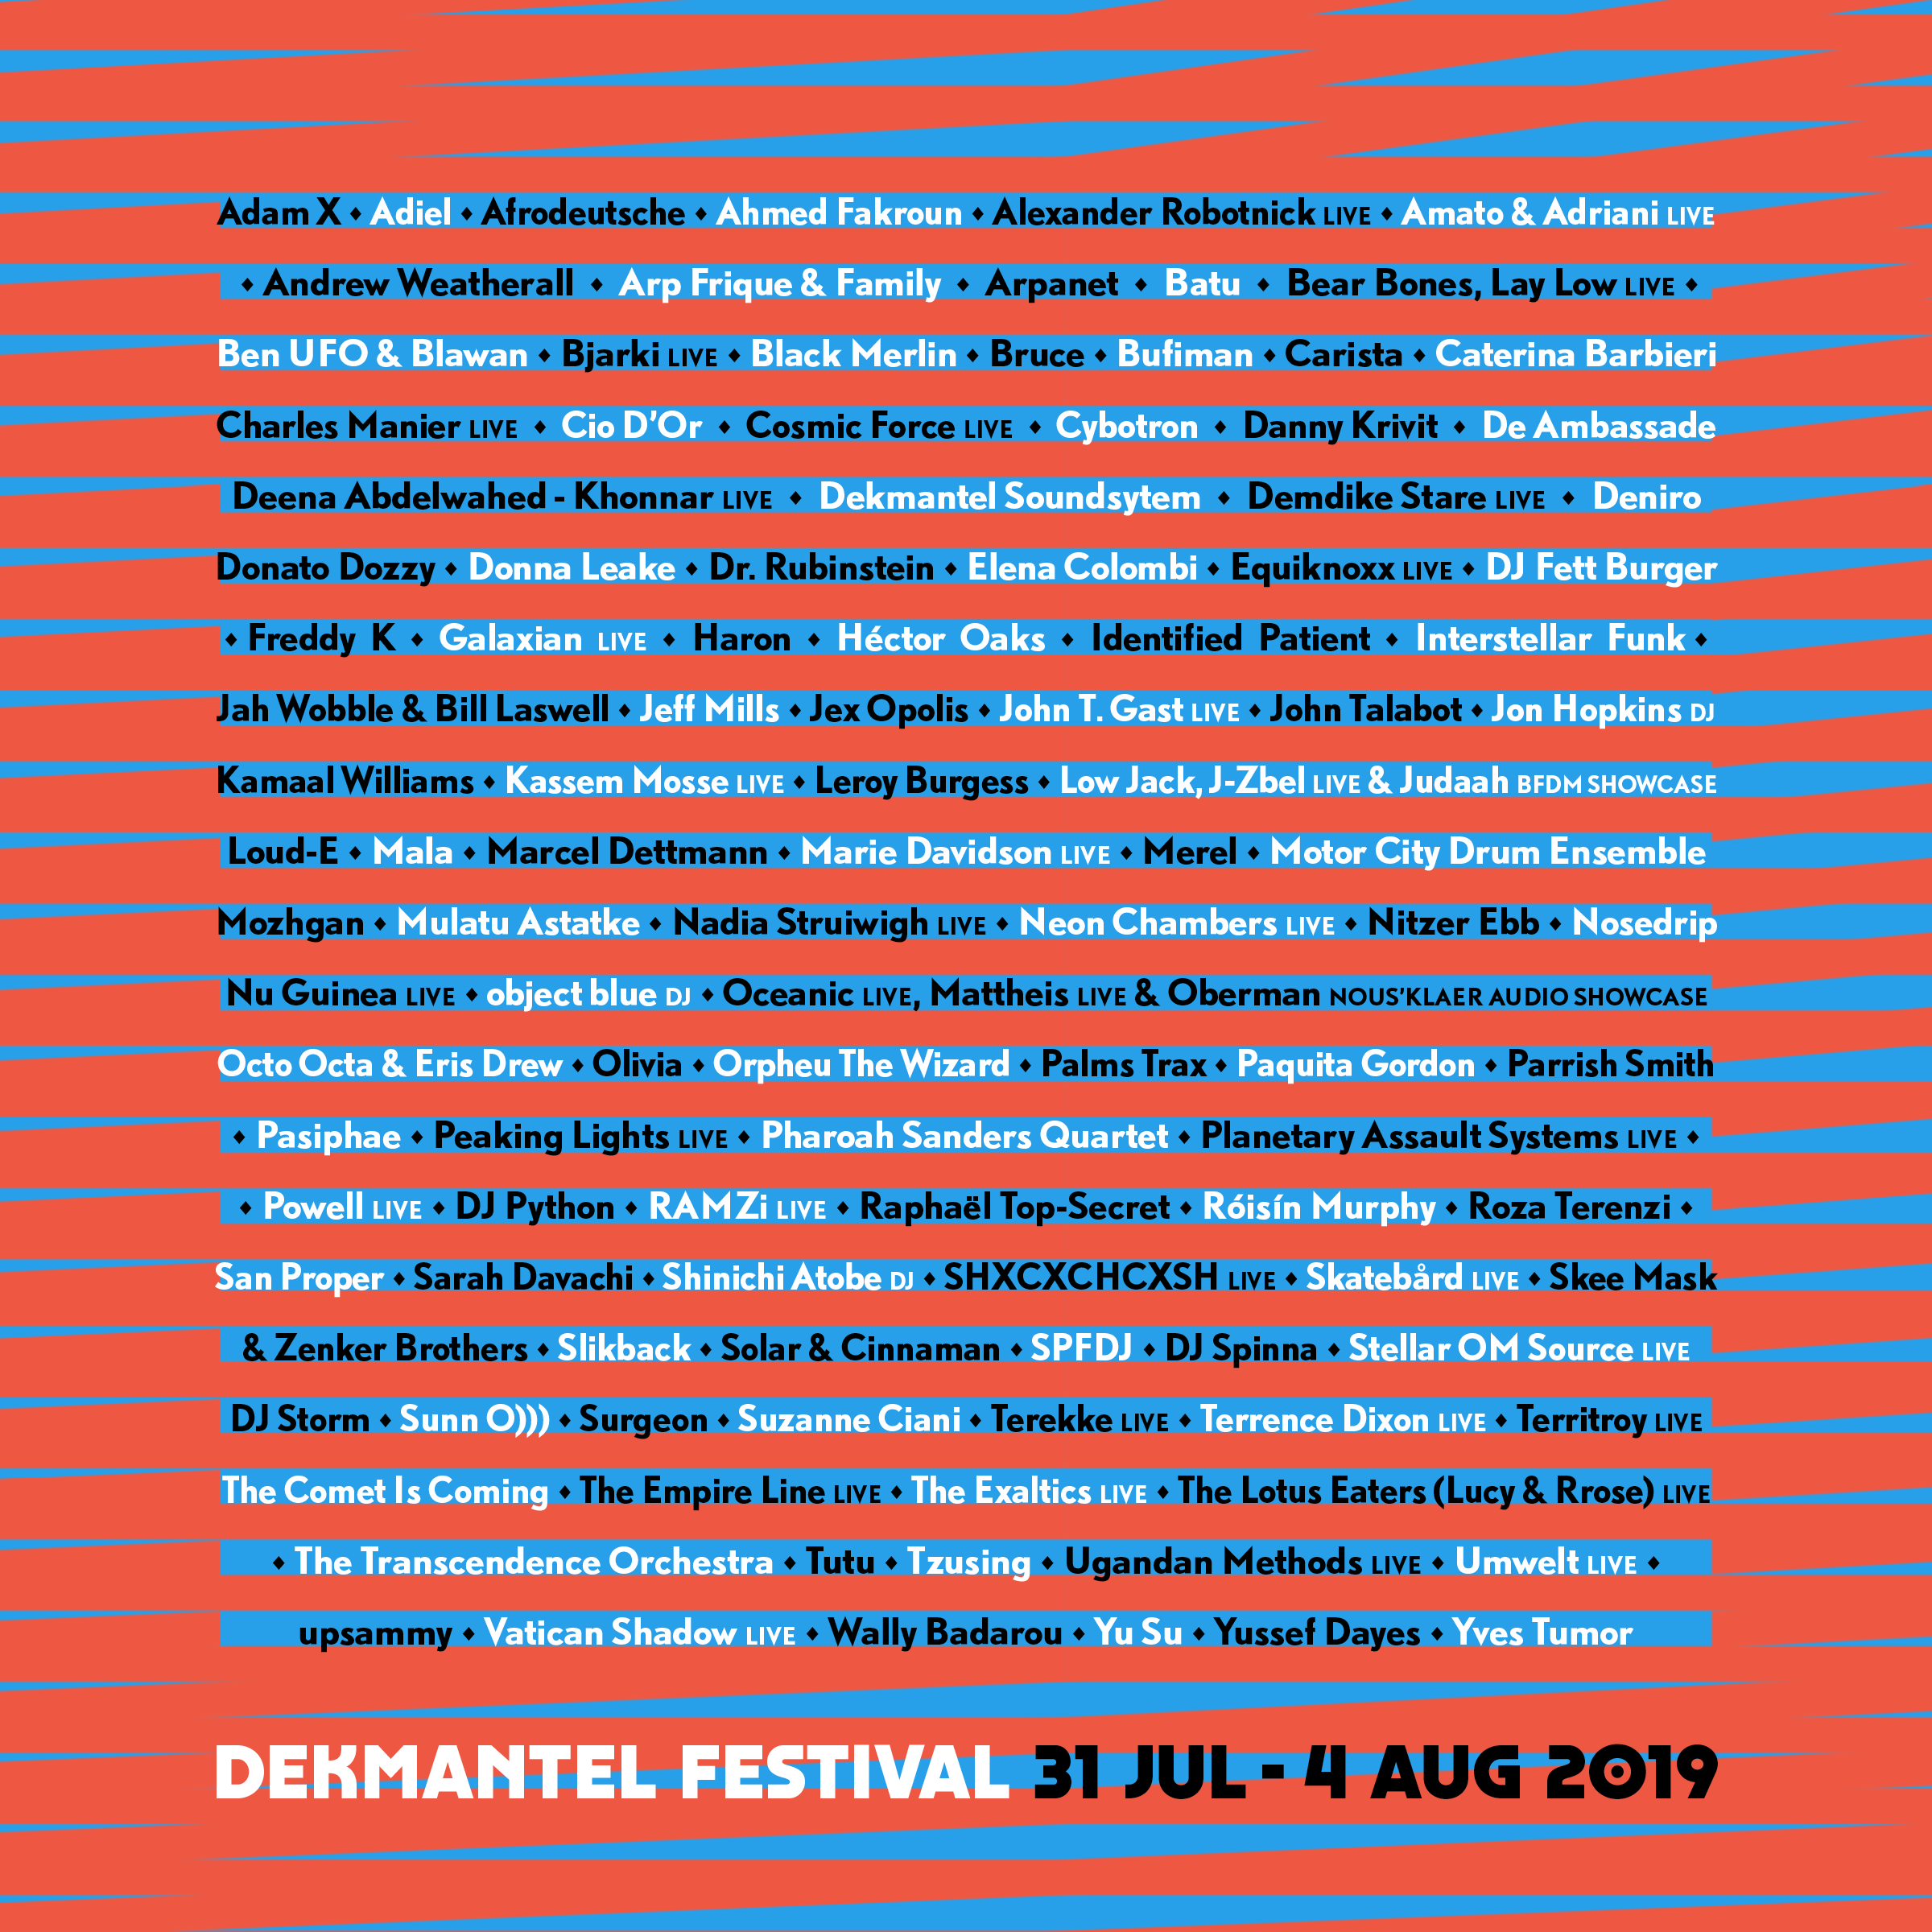 Dekmantel Festival 2019 - Lineup